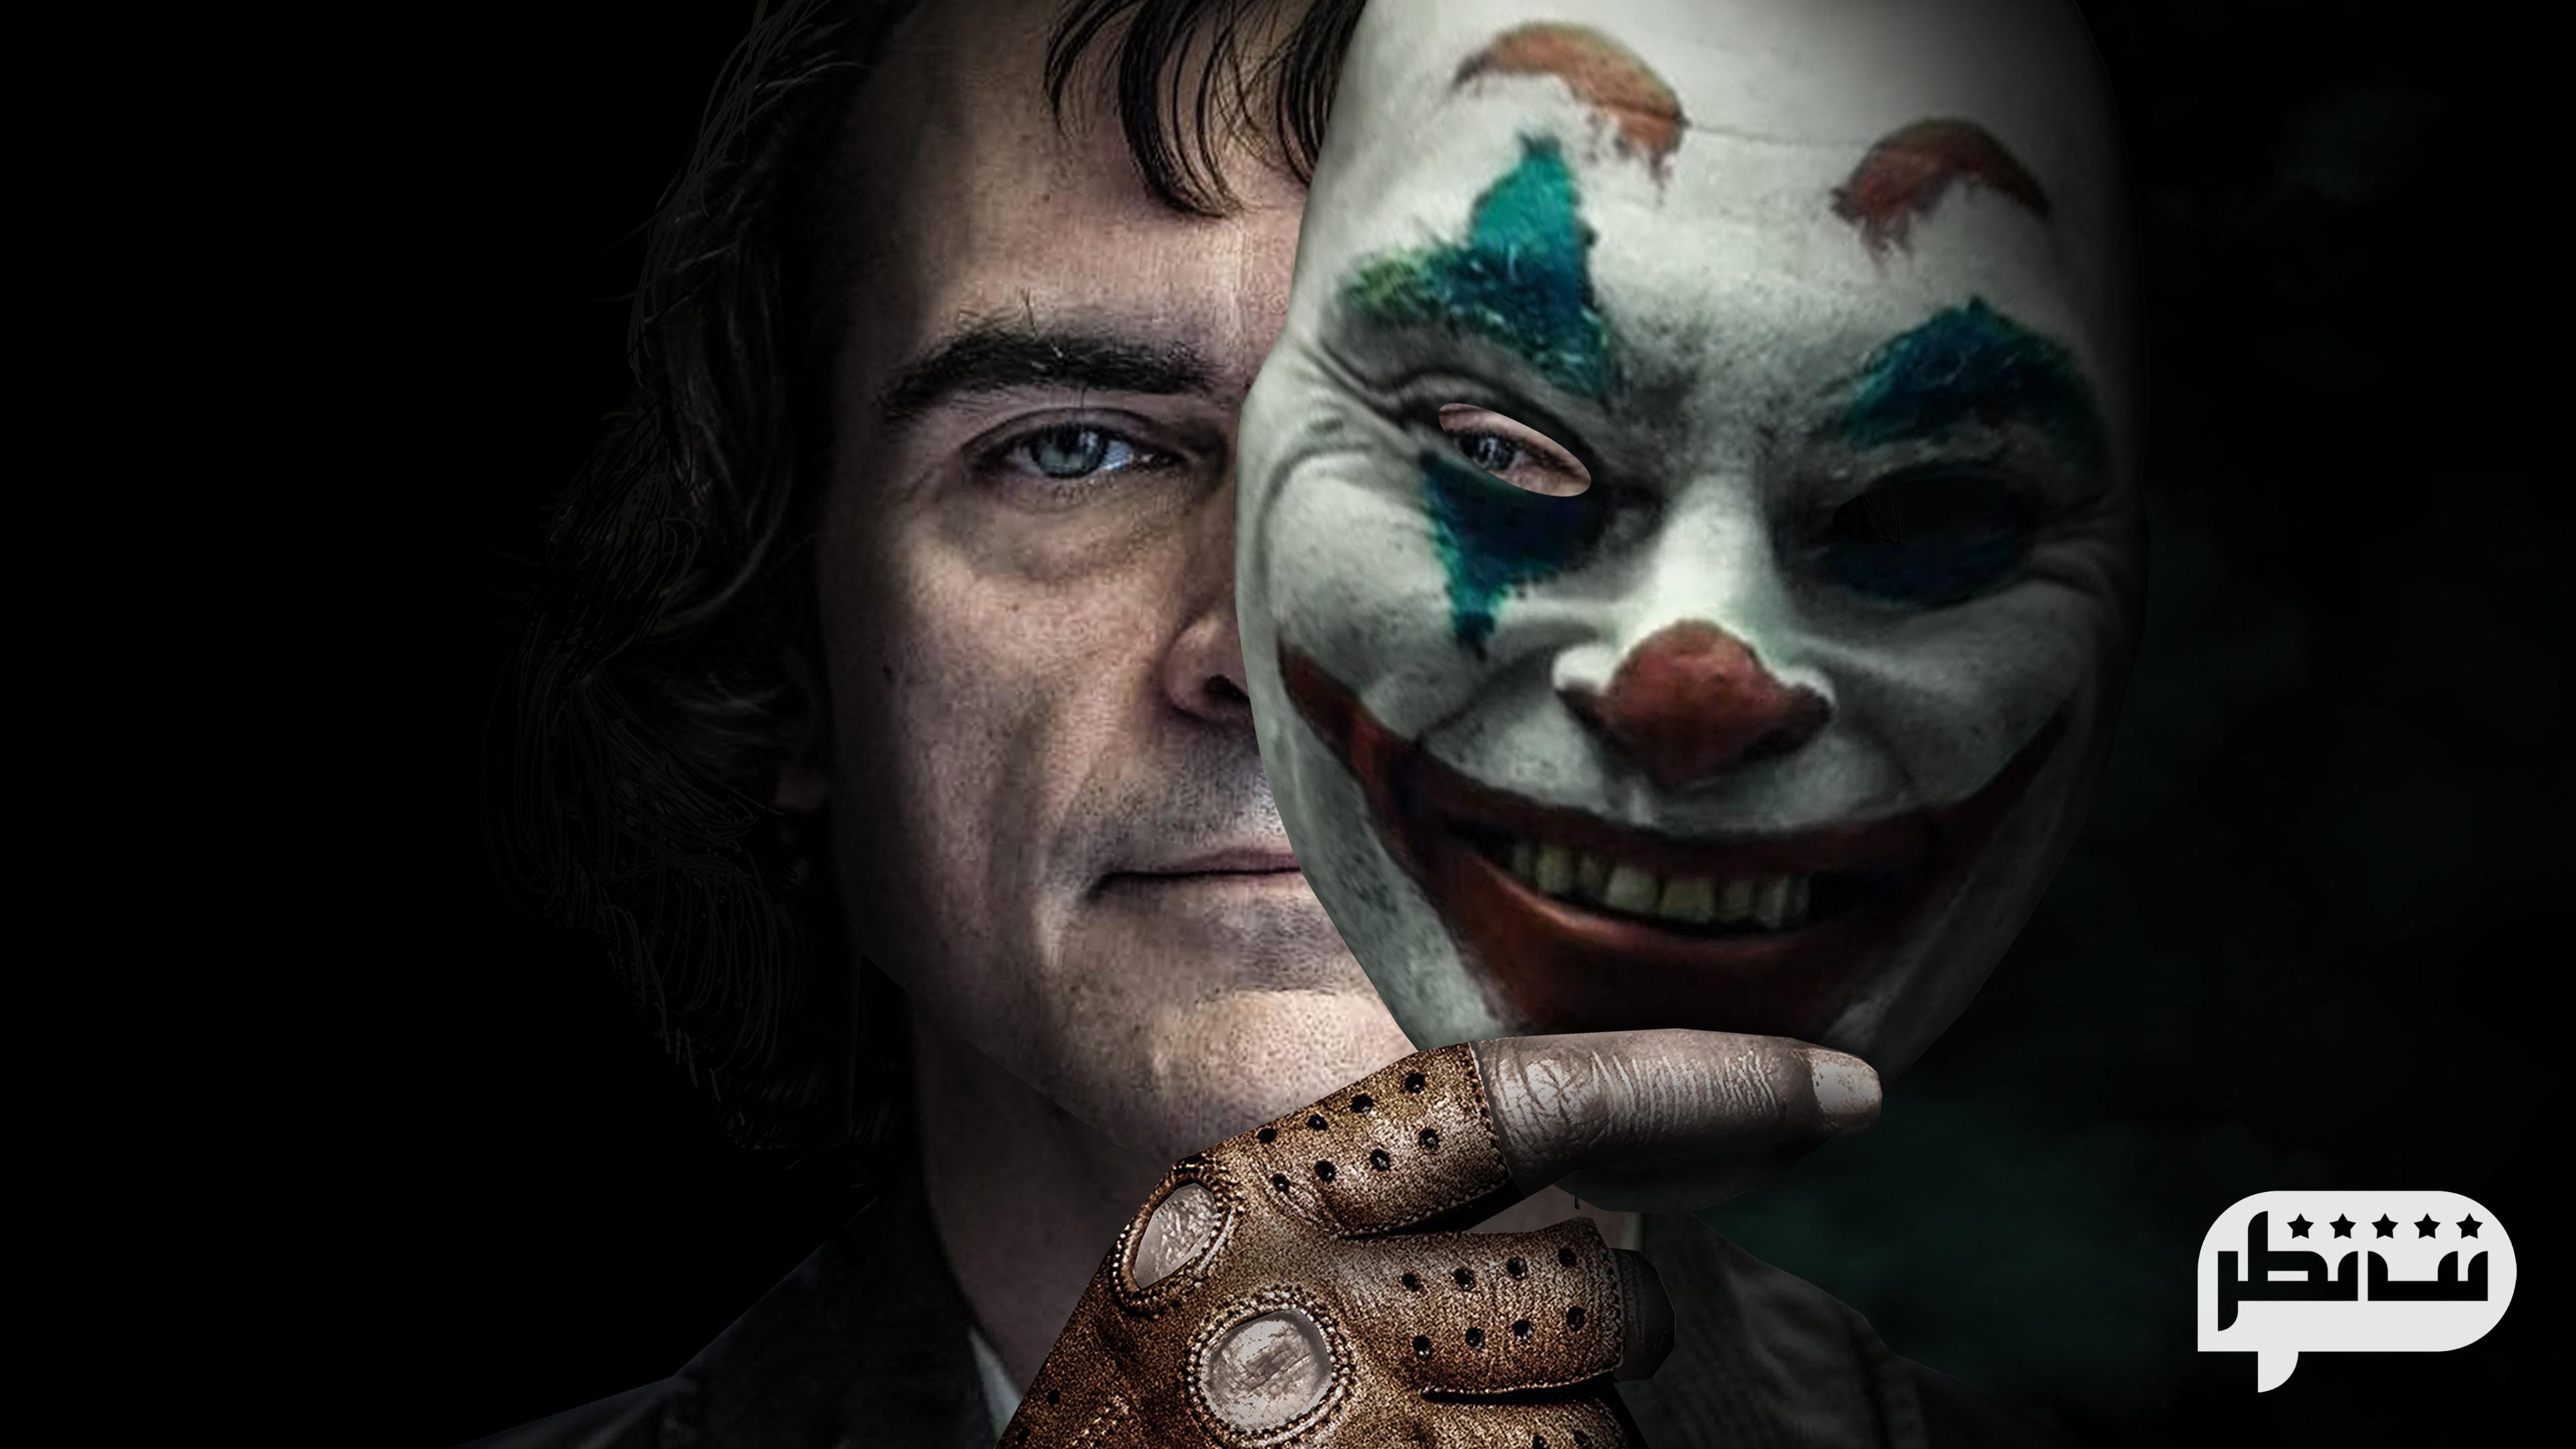 فیلم جوکر بهترین فیلم IMDB